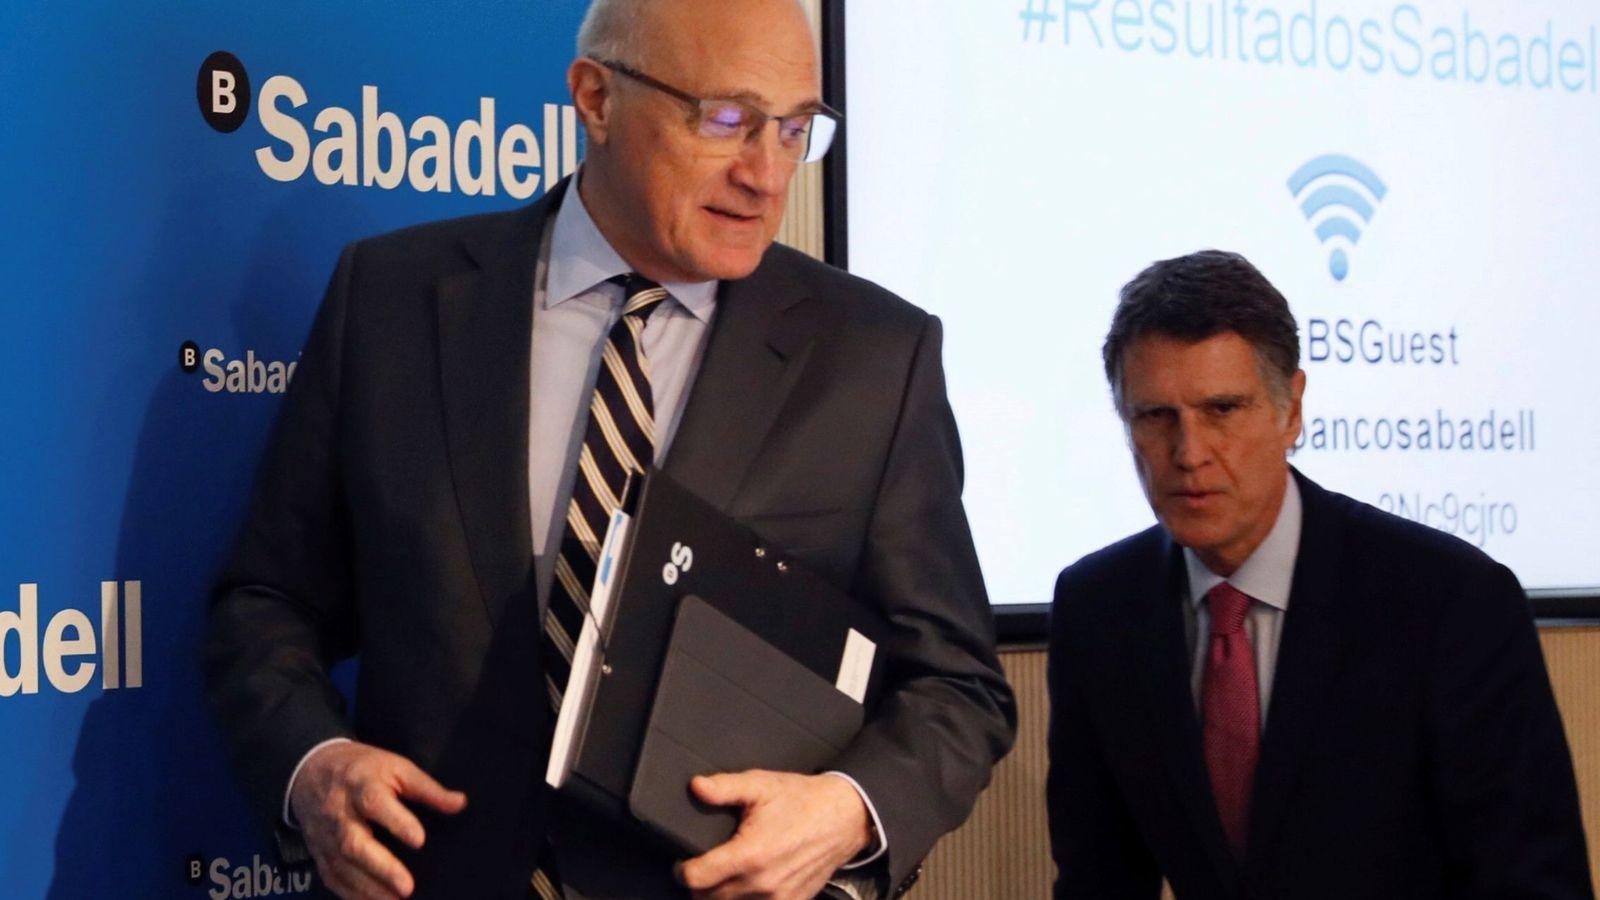 Foto: El presidente del Banco Sabadell, Josep Oliu (i), junto al consejero delegado, Jaume Guardiola.